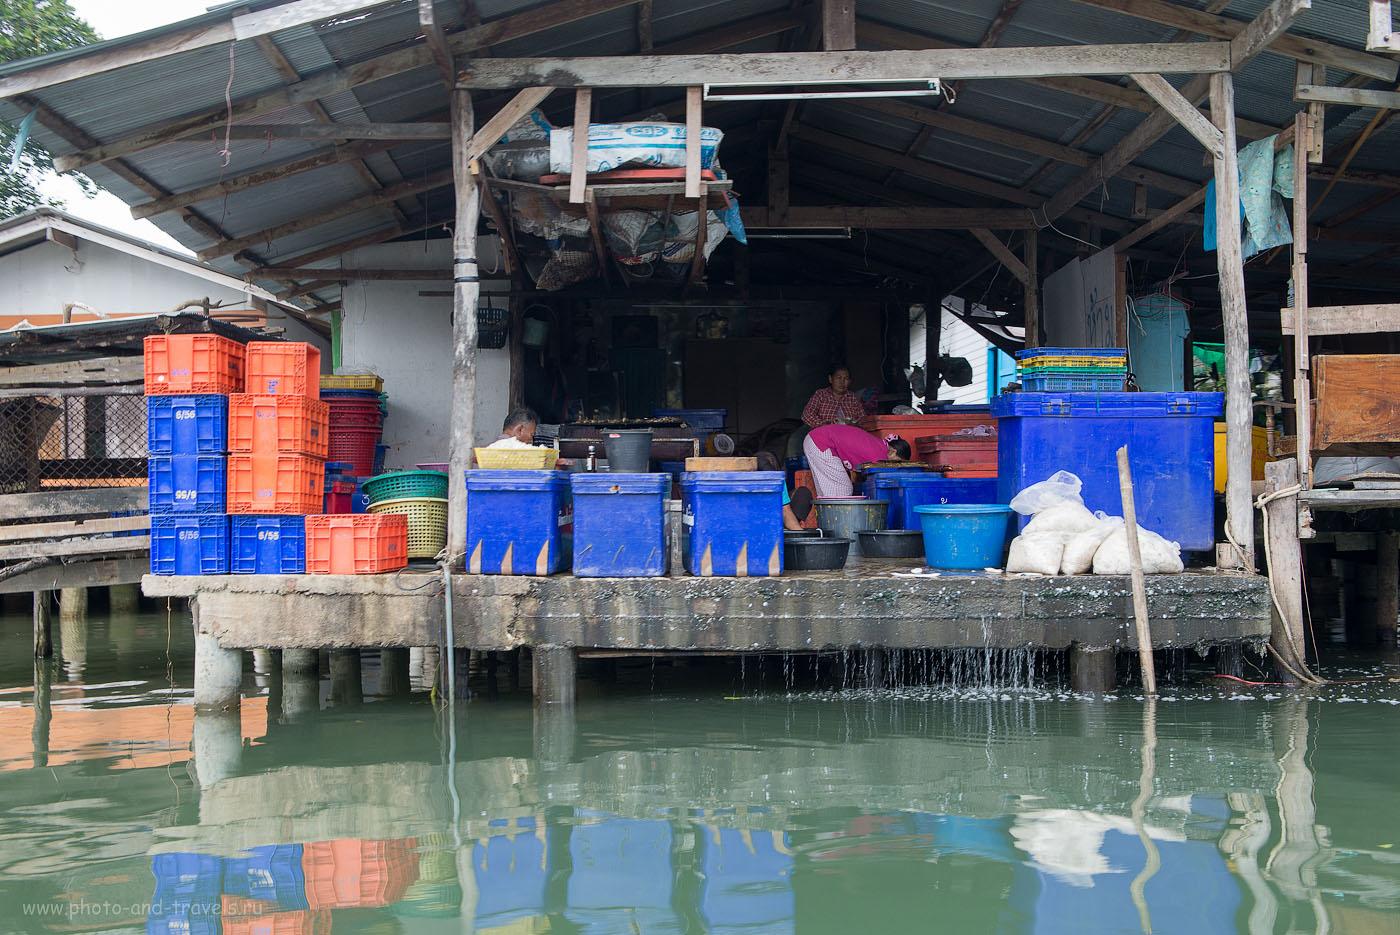 Фотография 15. Засолка рыбы  в деревне рыбаков. Отдых в Таиланде самостоятельно. Достопримечательности страны, посещенные на автомобиле (объектив Nikkor 24-70/2.8 с поляриком, 320, 38, 9.0, 1/50)